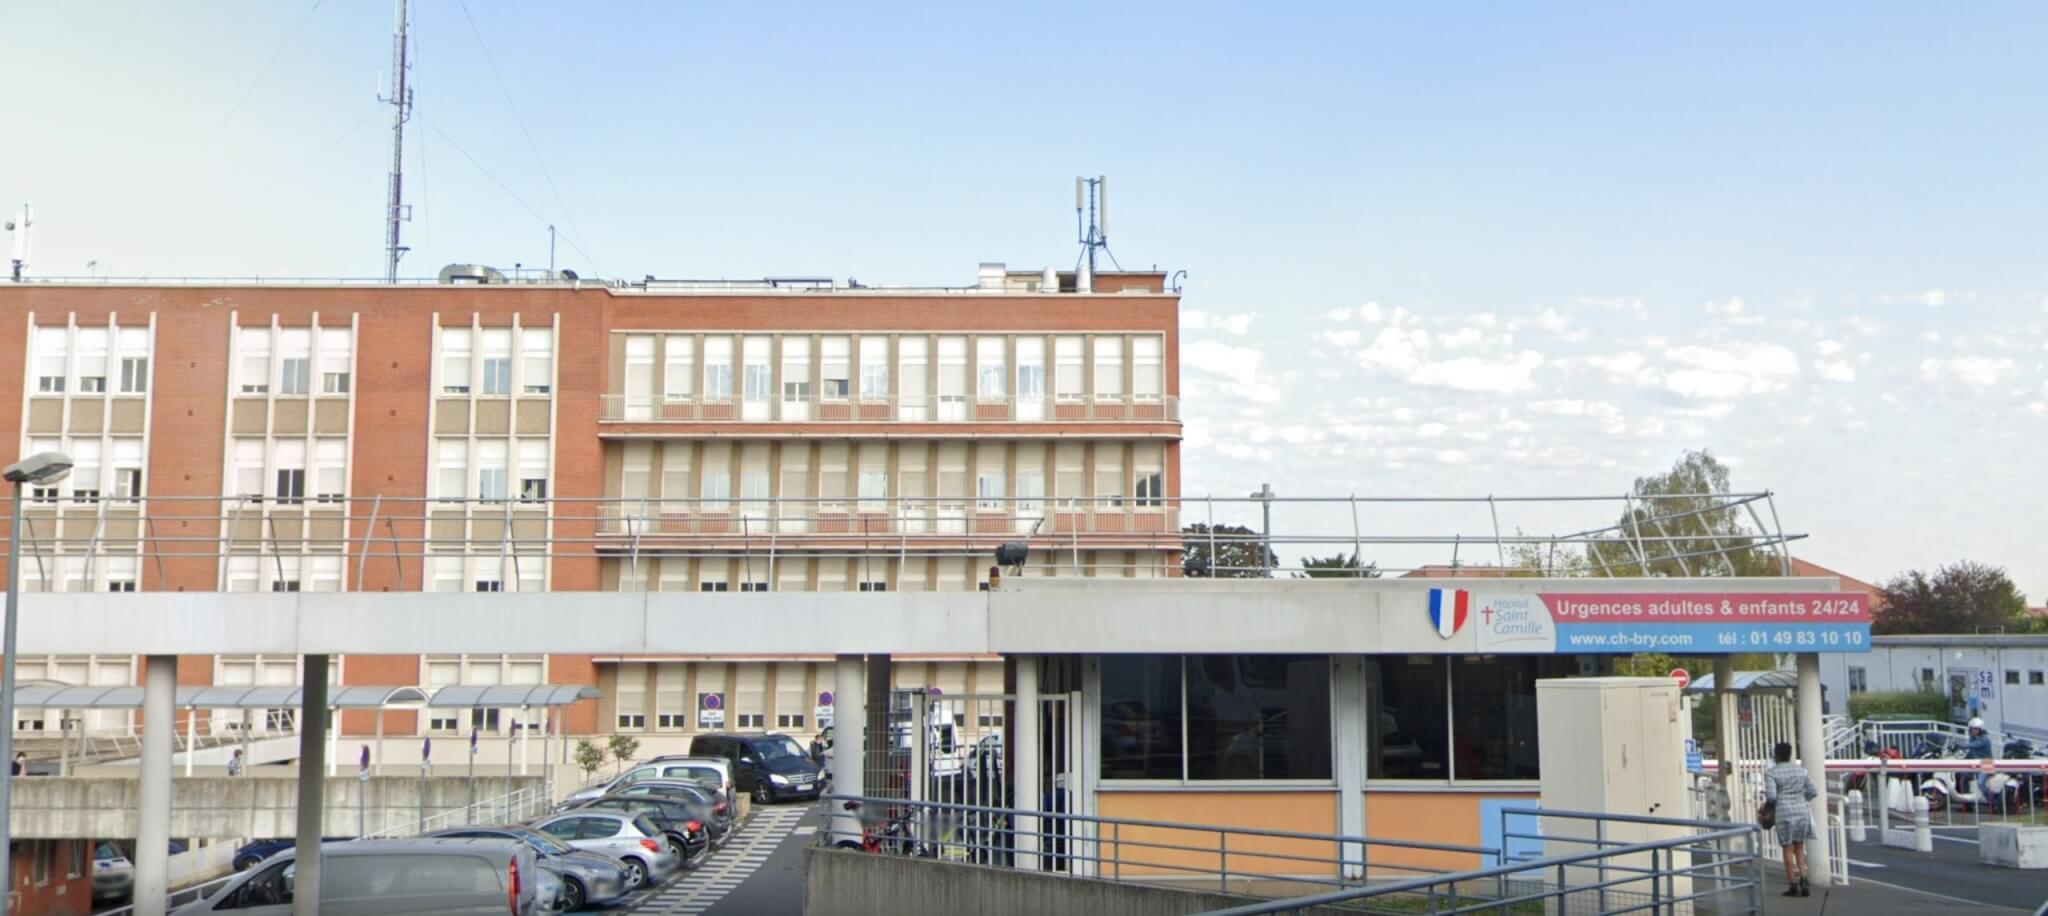 Covid-19 - A Bry-sur-Marne, la réa de l'hôpital Saint-Camille tient le choc